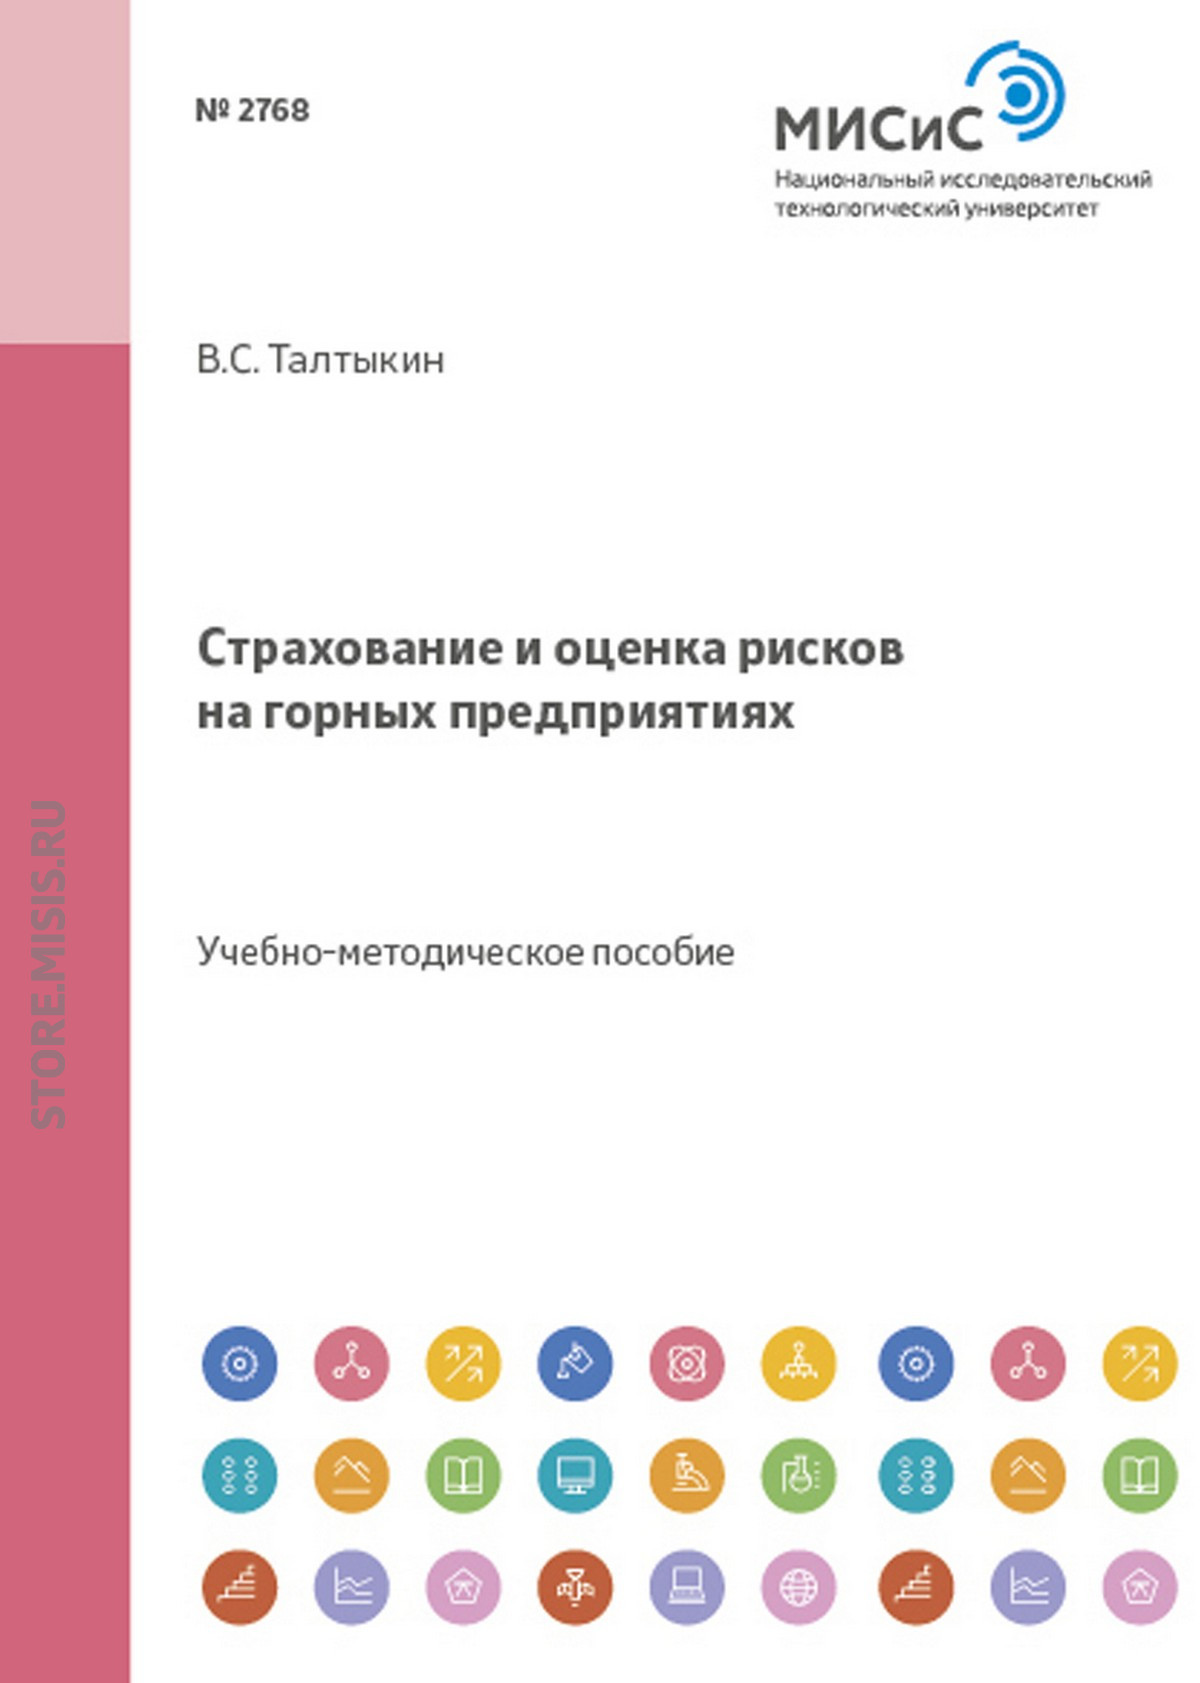 Виктор Талтыкин Страхование и оценка рисков на горных предприятиях связь на промышленных предприятиях